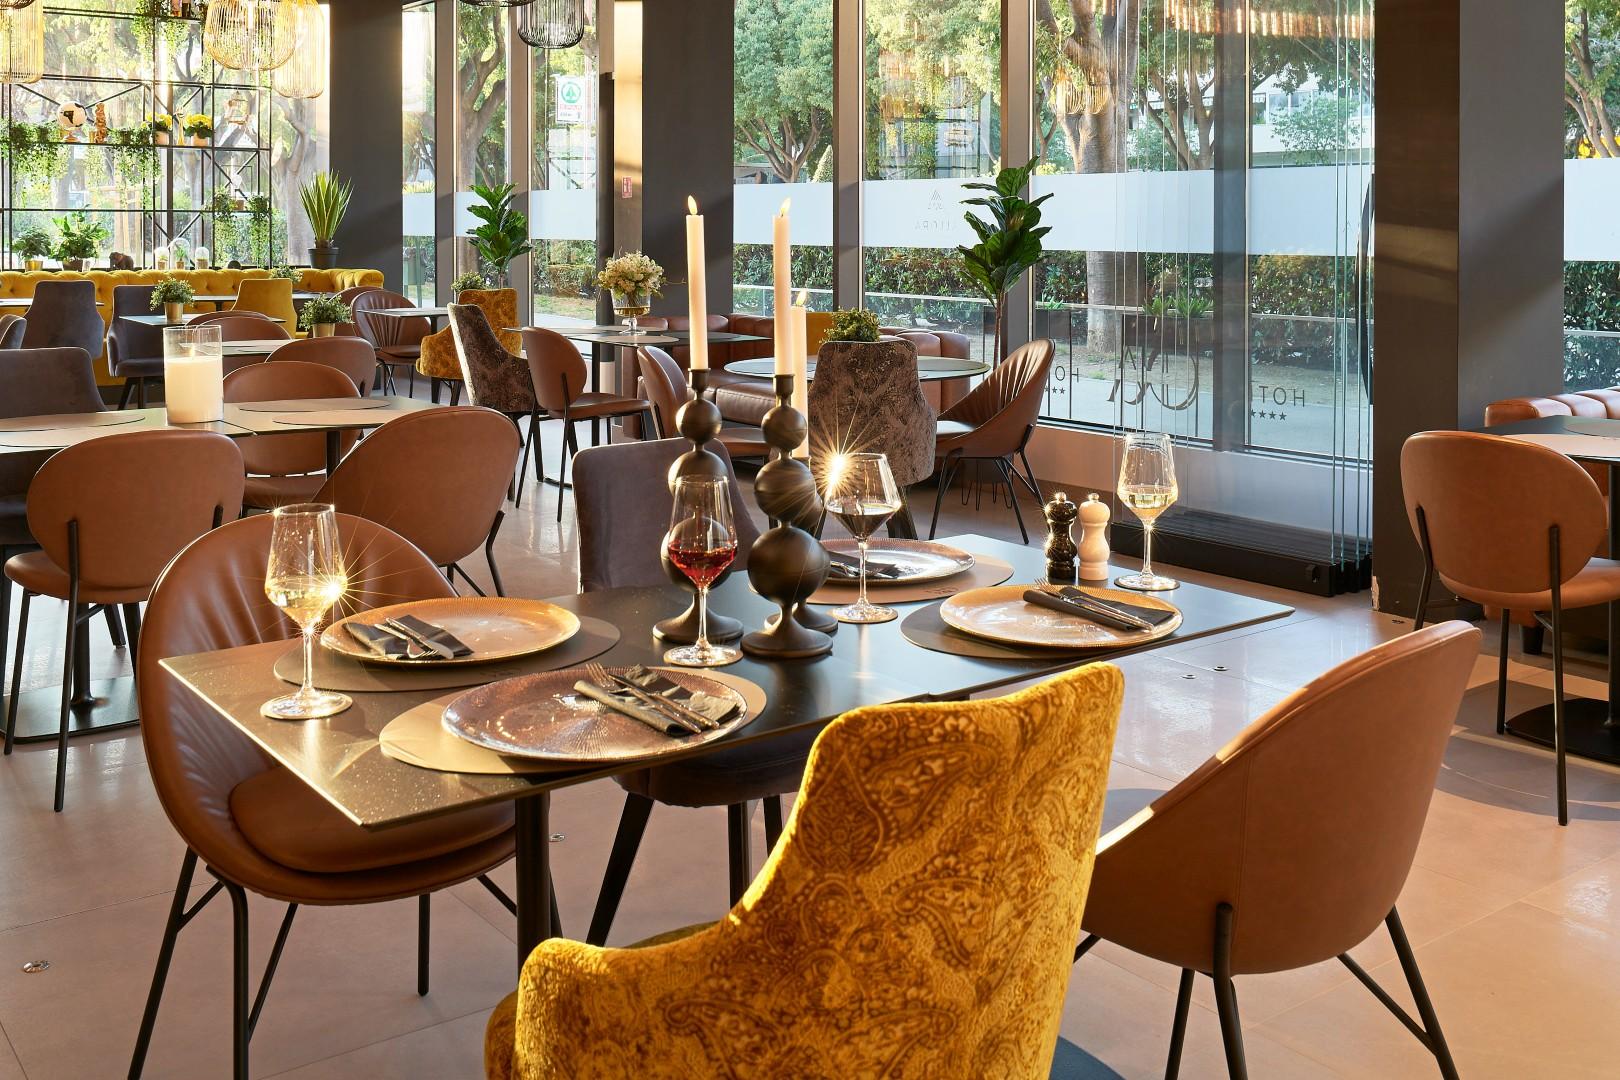 Splitski hotel Ora za Valentinovo nudi toliko željeni bijeg od stvarnosti - u krilo voljene osobe